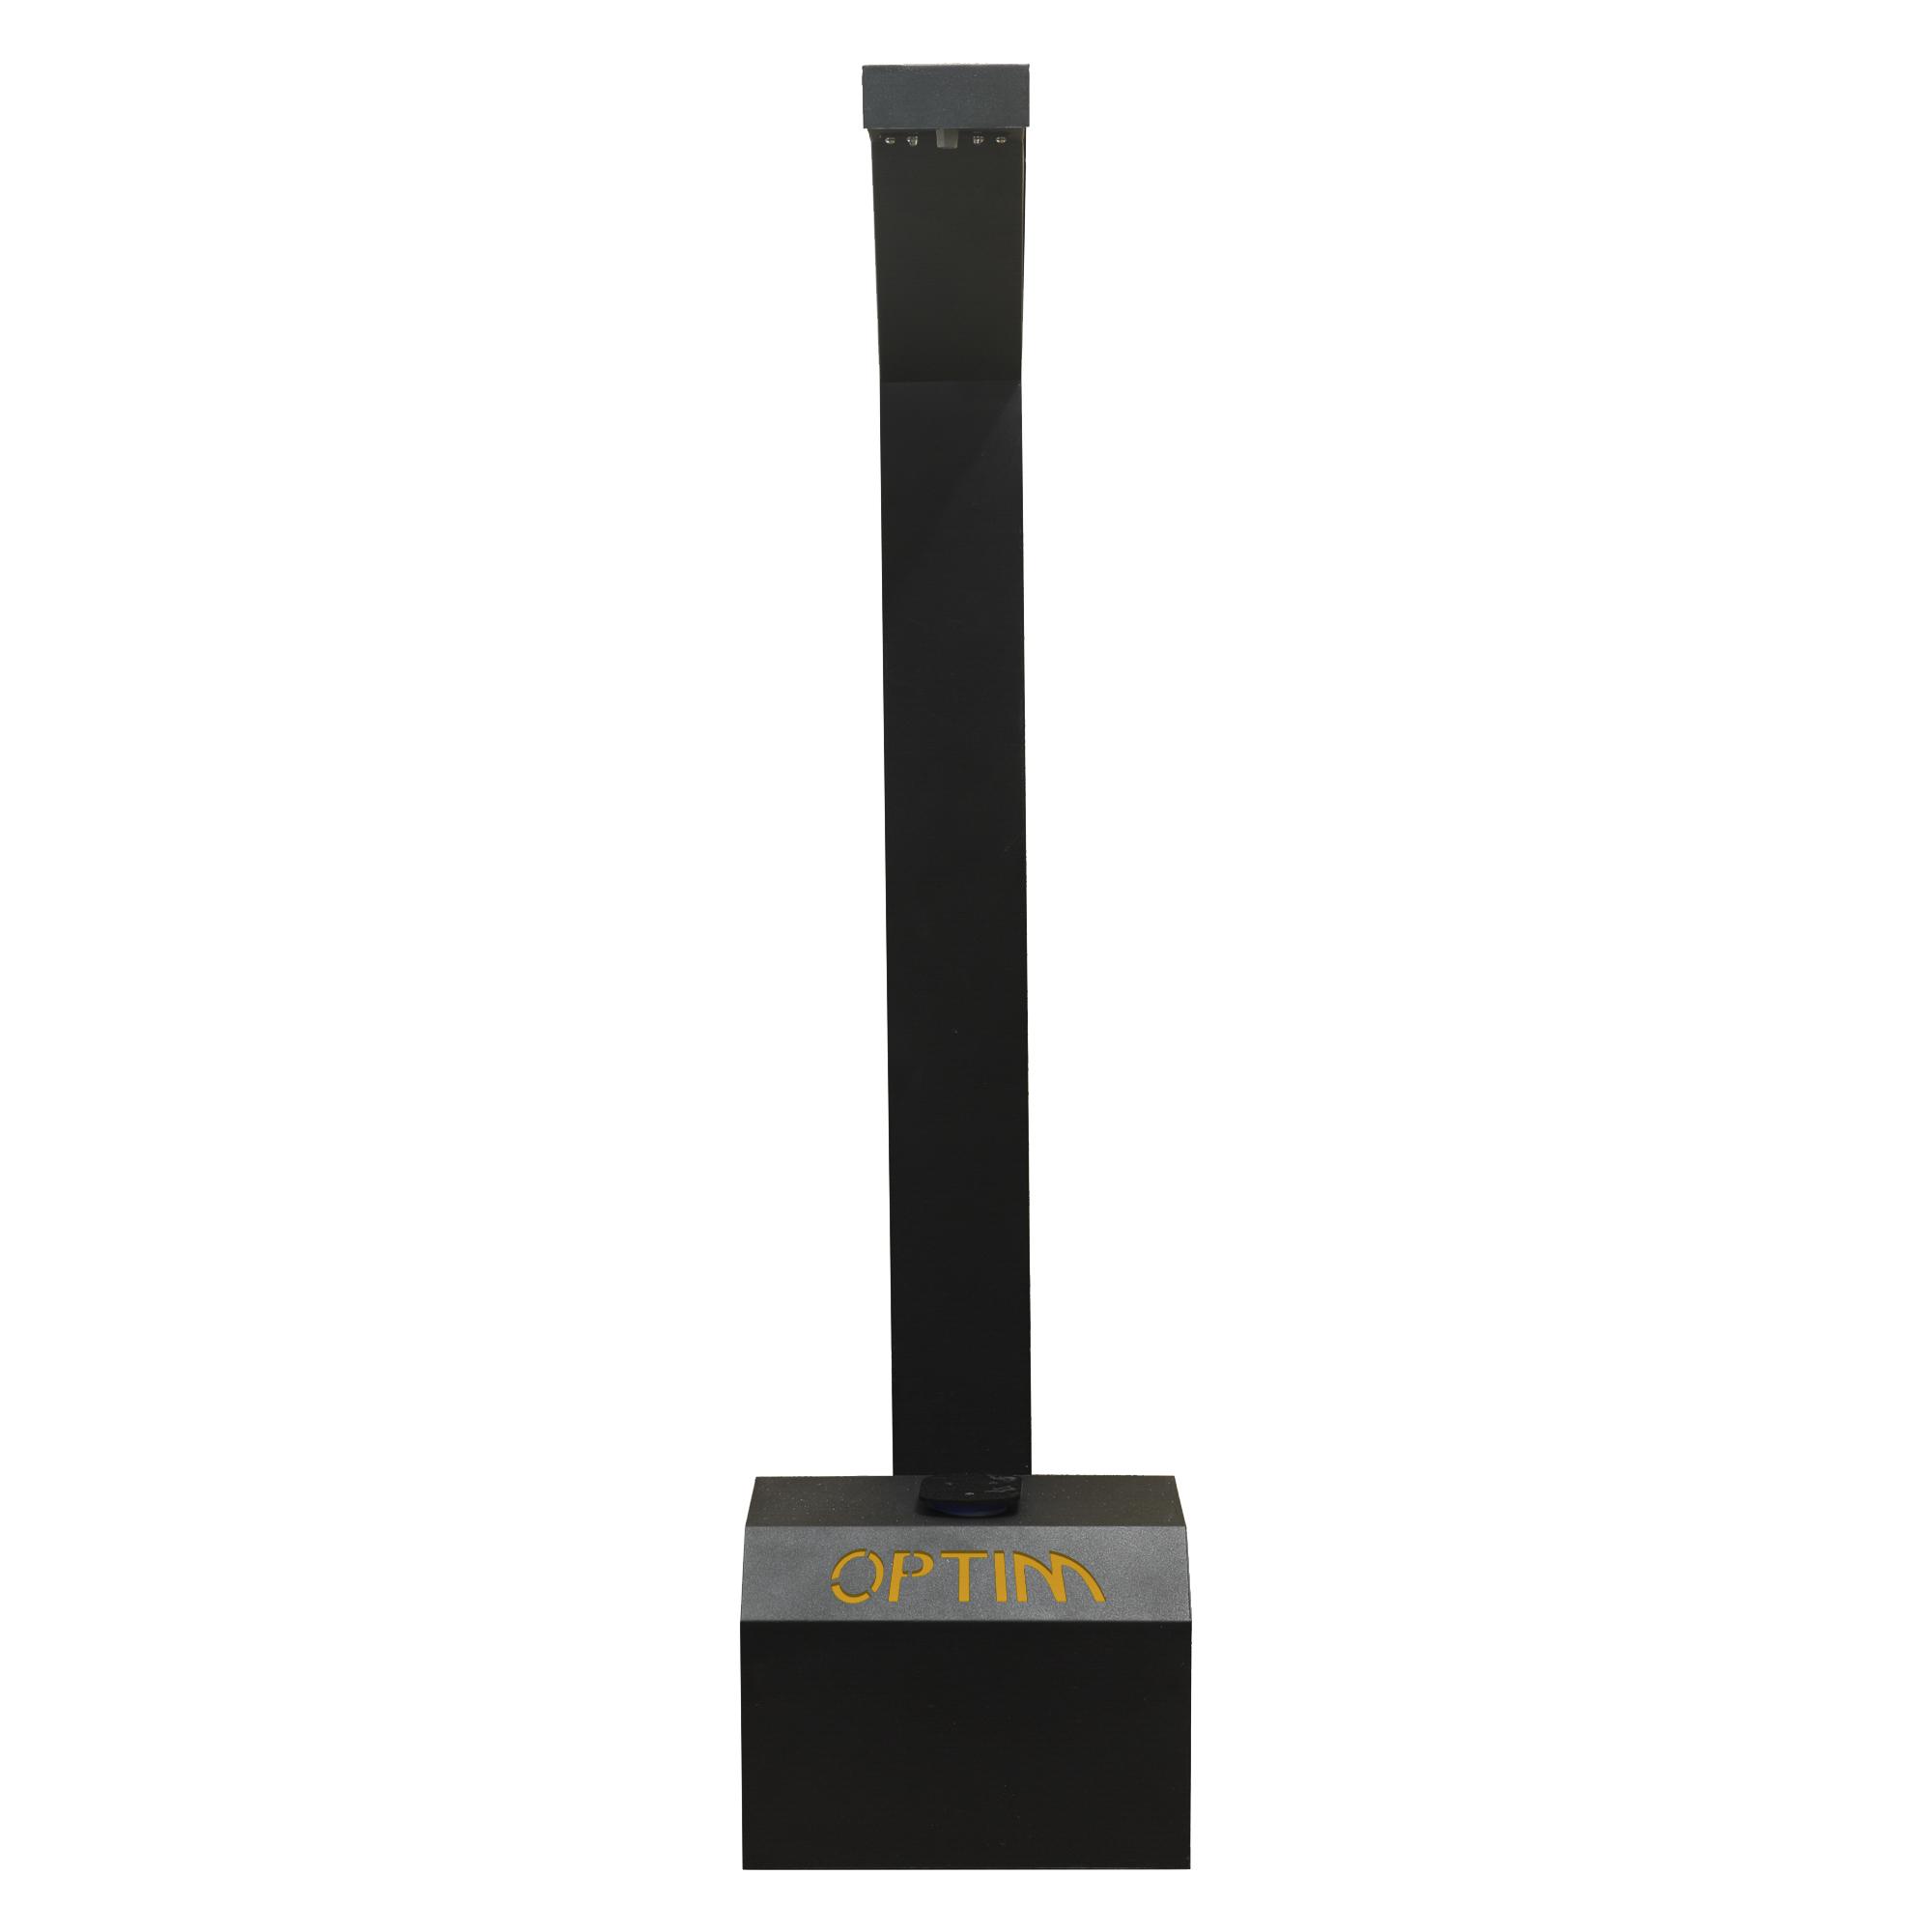 دستگاه ضد عفونی کننده اتوماتیک دست اپتیم مدل OP004